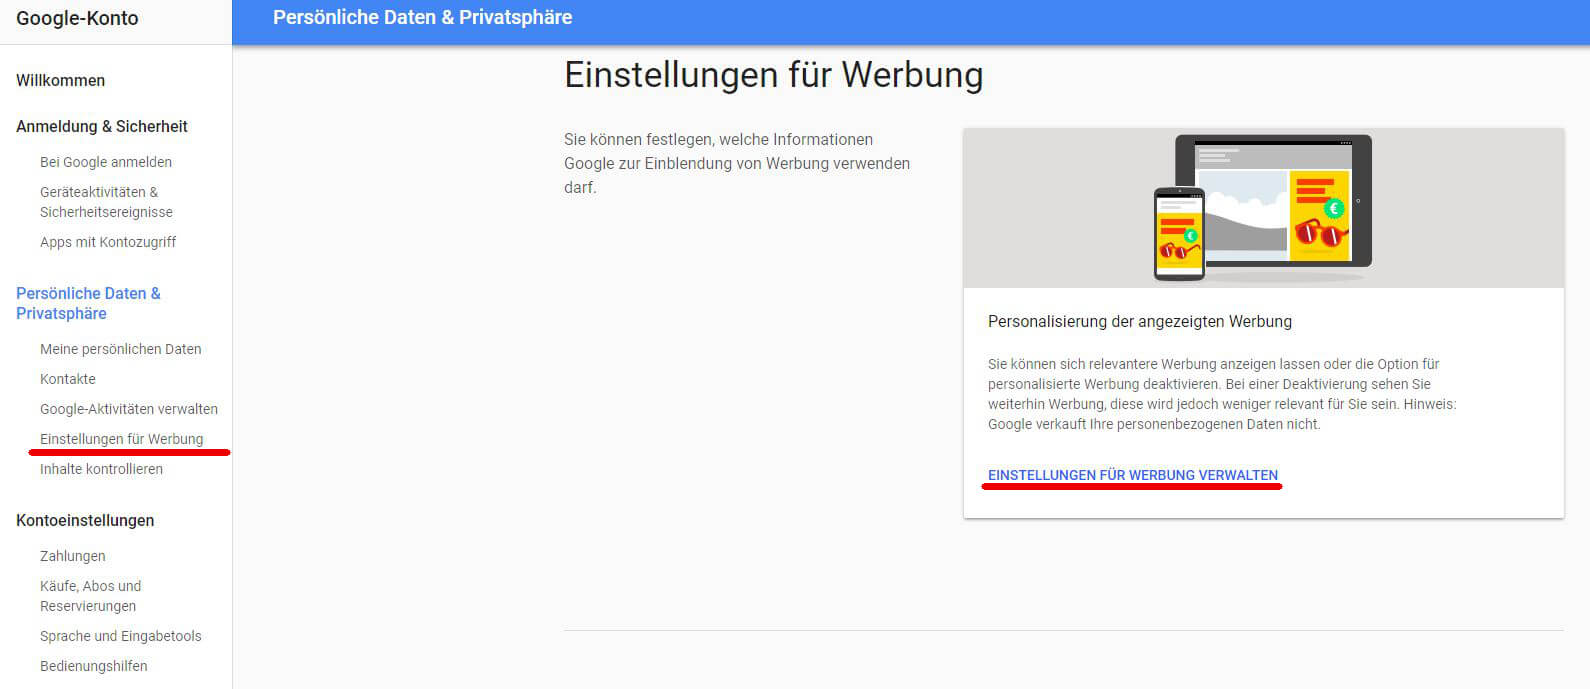 Einstellungen für Werbung, Screenshot Google-Konto